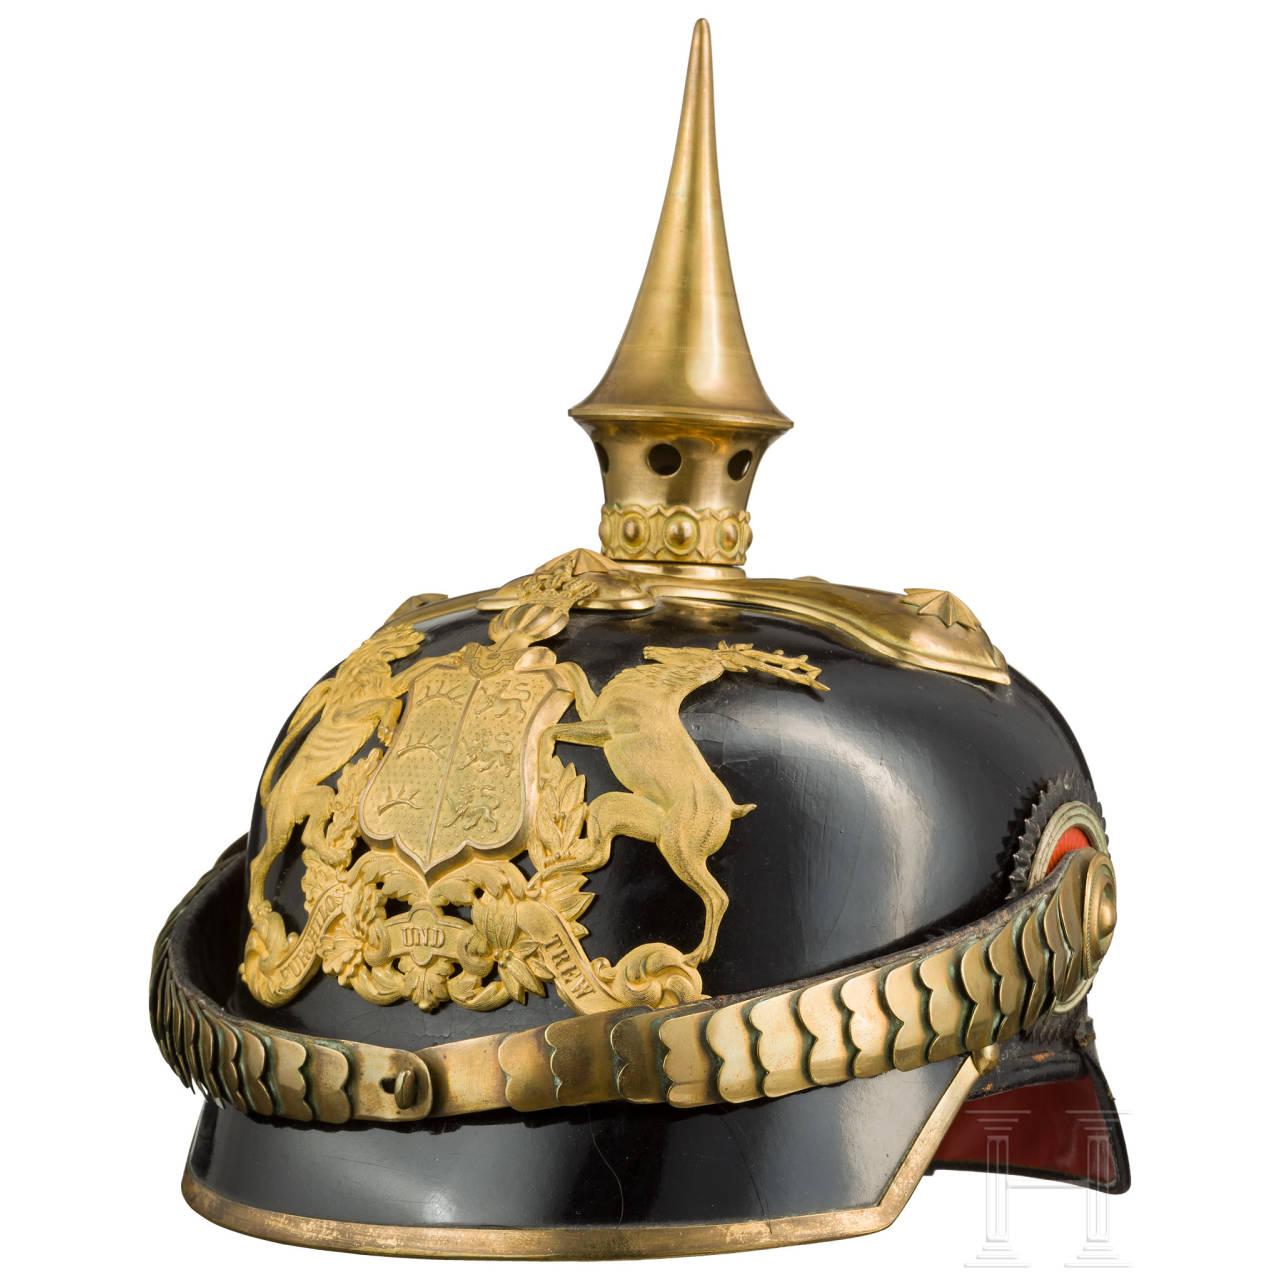 Helm für Offiziere der Kavallerie, ab 1897